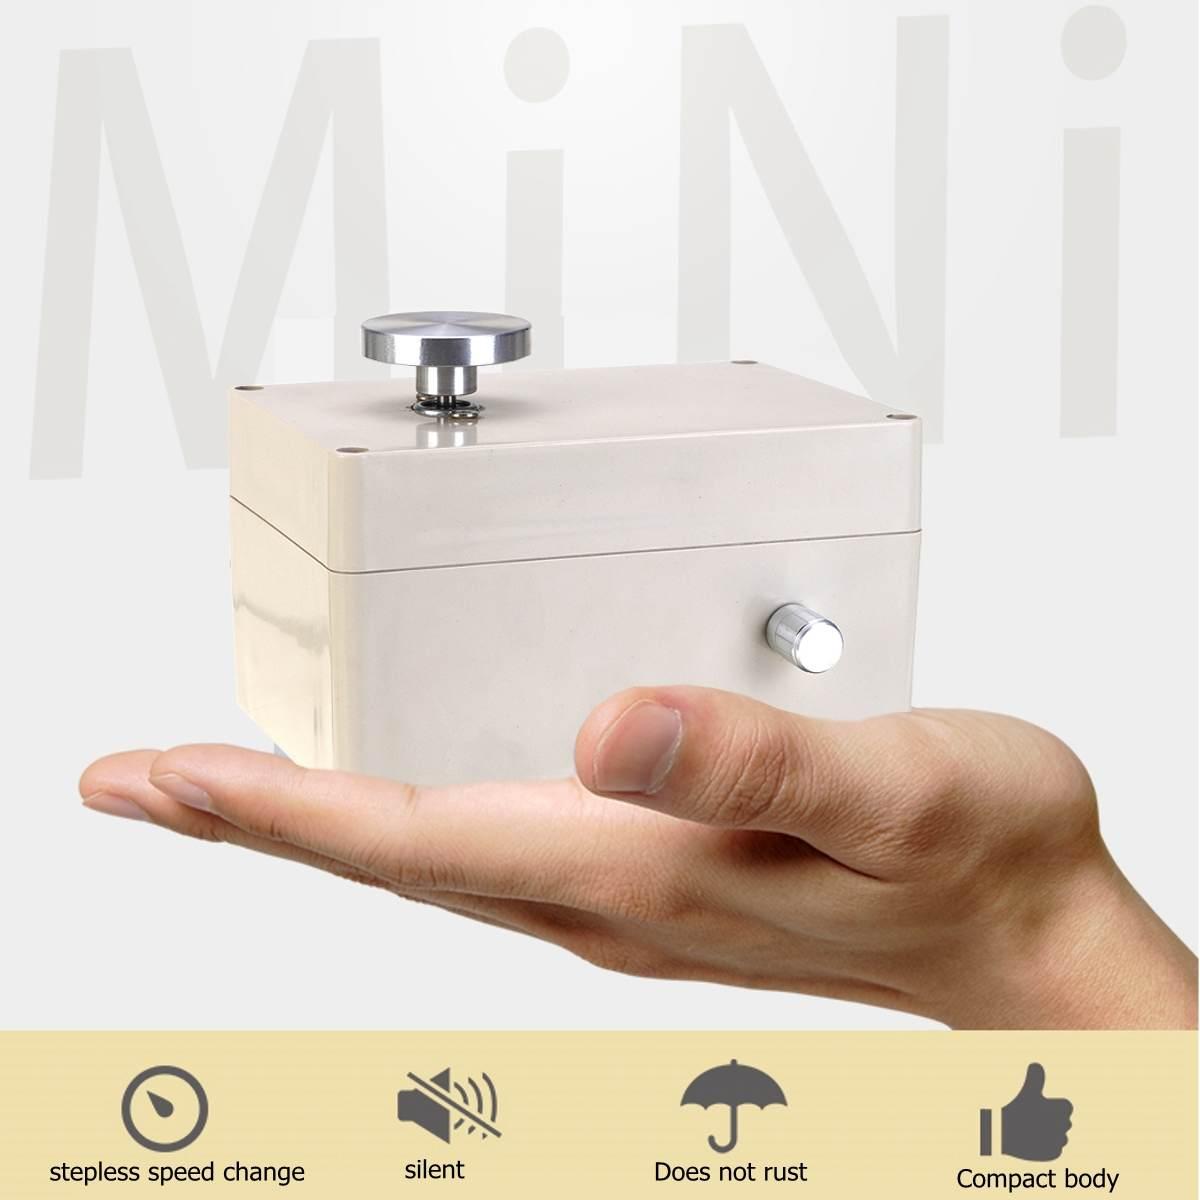 5 V USB alliage d'aluminium Mini roue de poterie 4.5 cm bouton de tourne-disque changement de vitesse en continu avec 5 pièces outils en argile en bois - 4